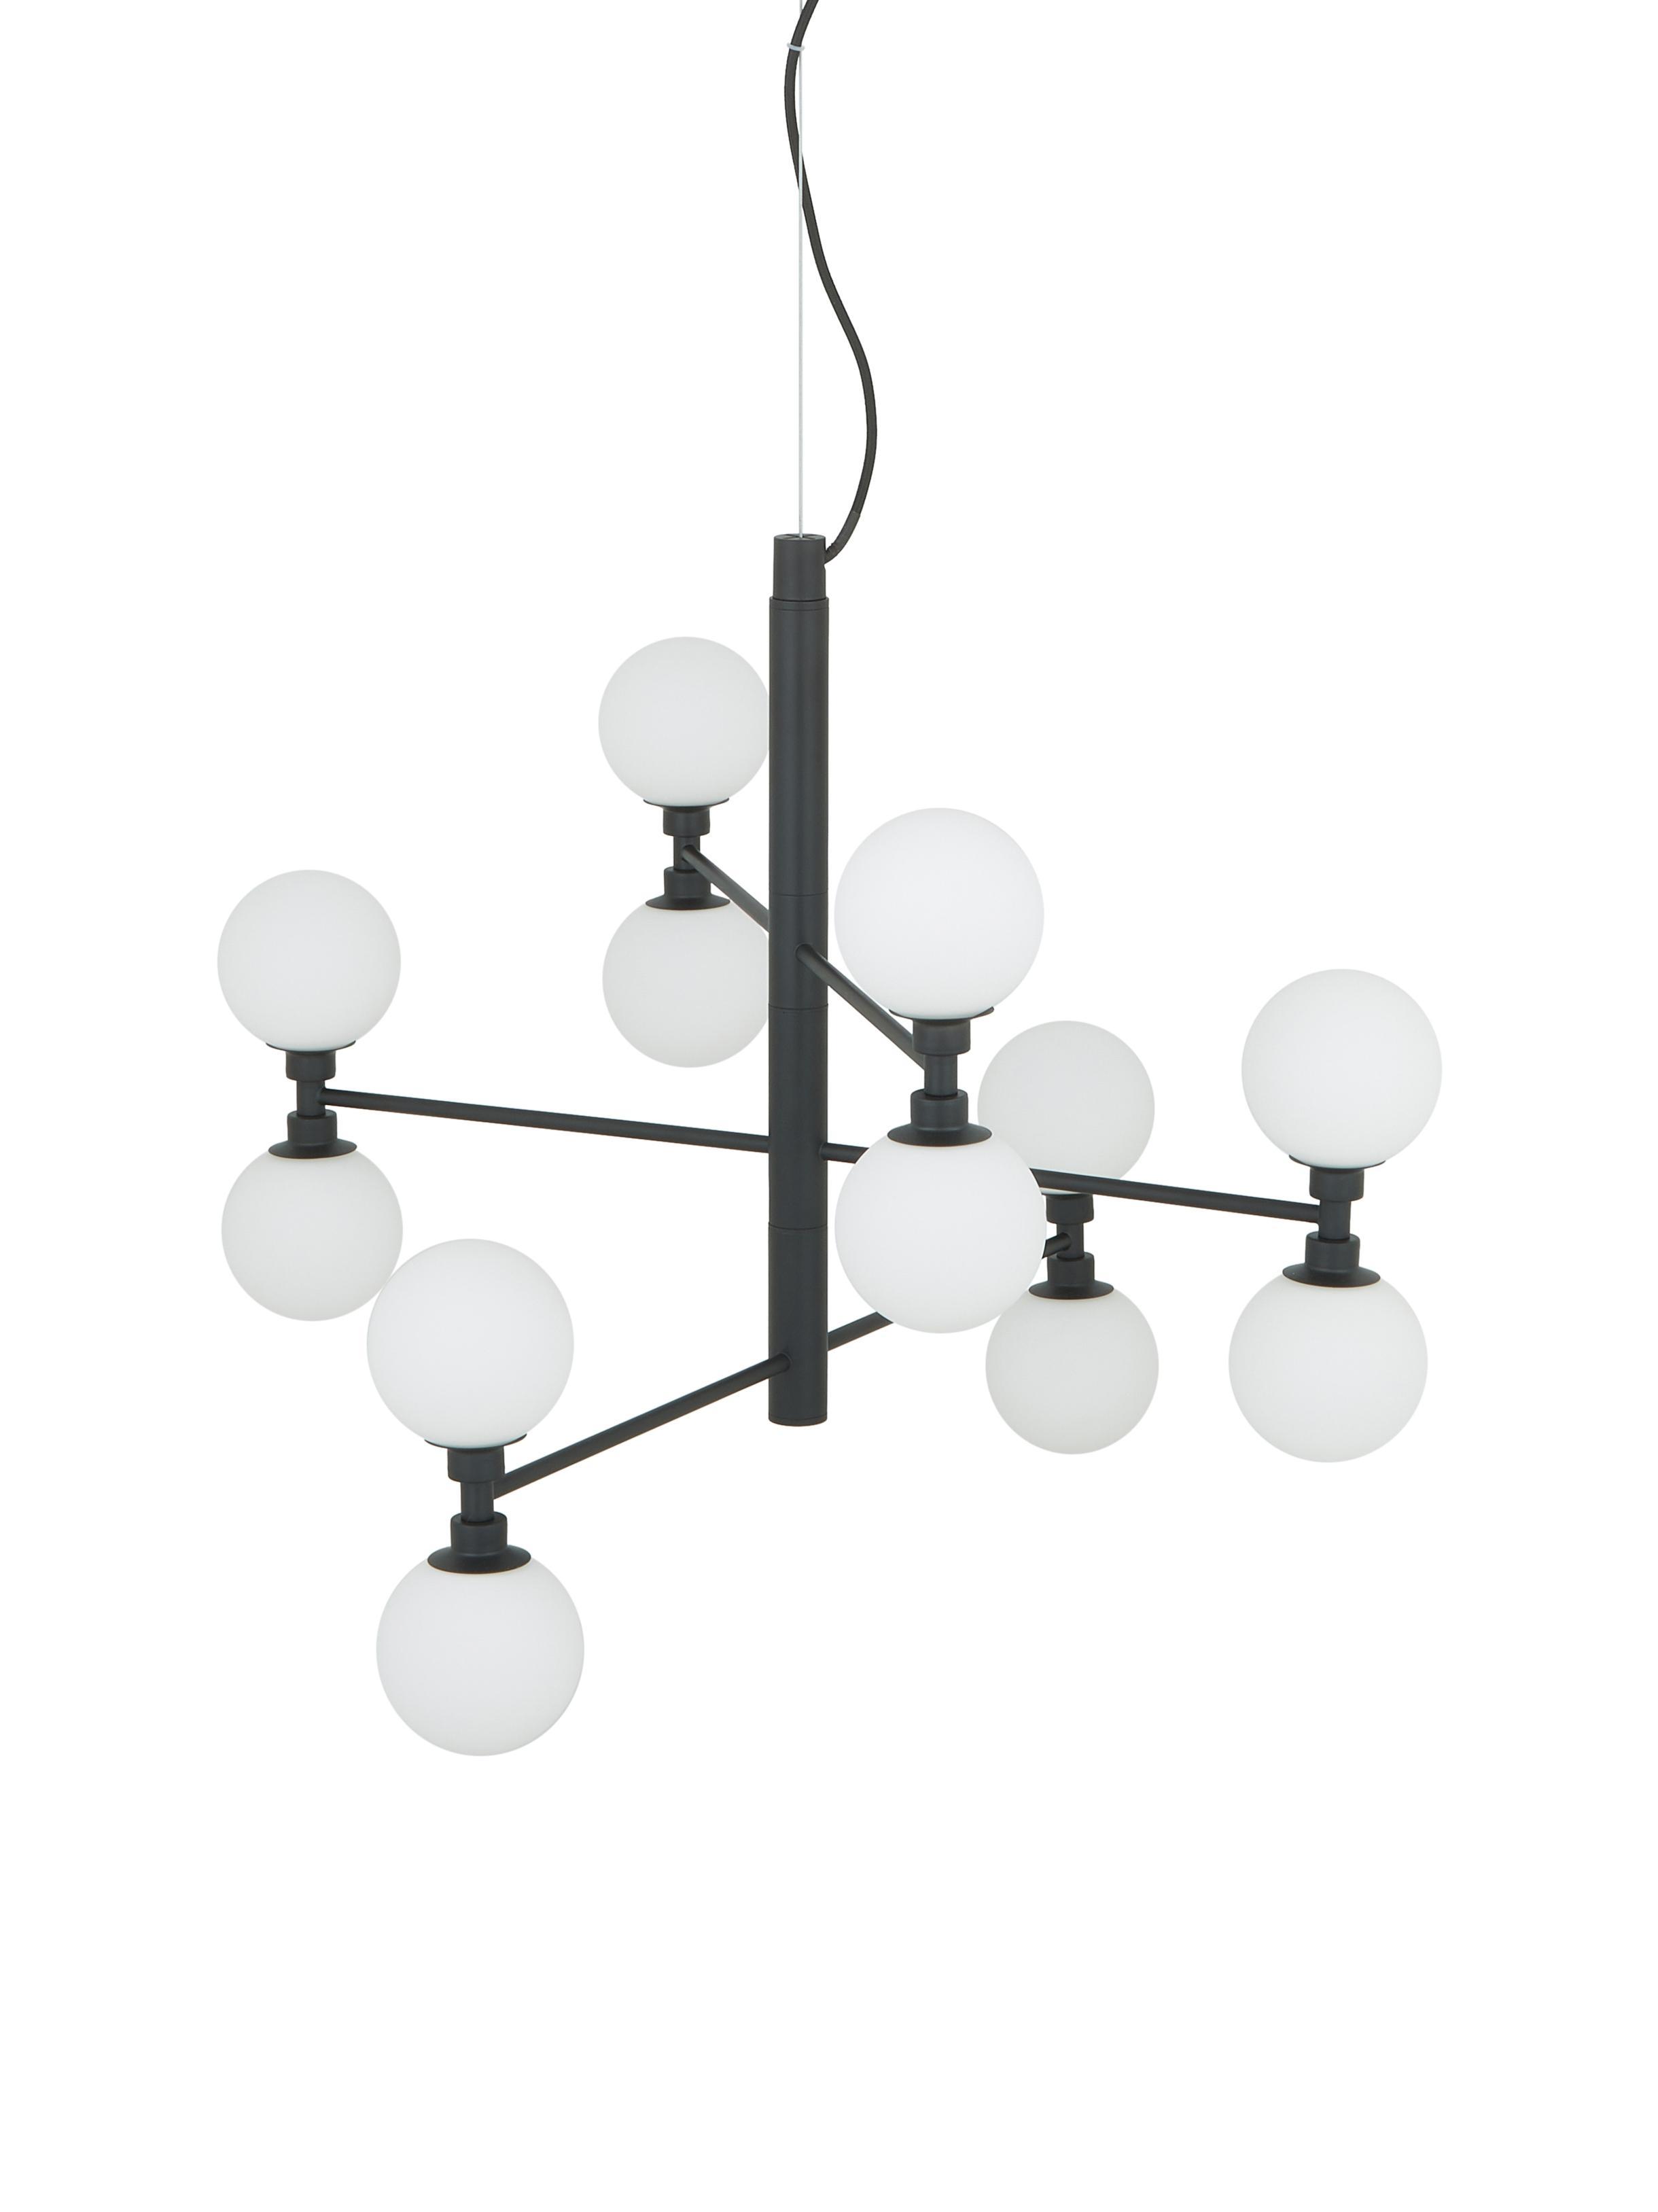 Glaskugel-Pendelleuchte Grover, Schwarz, Weiss, Ø 70 x H 56 cm